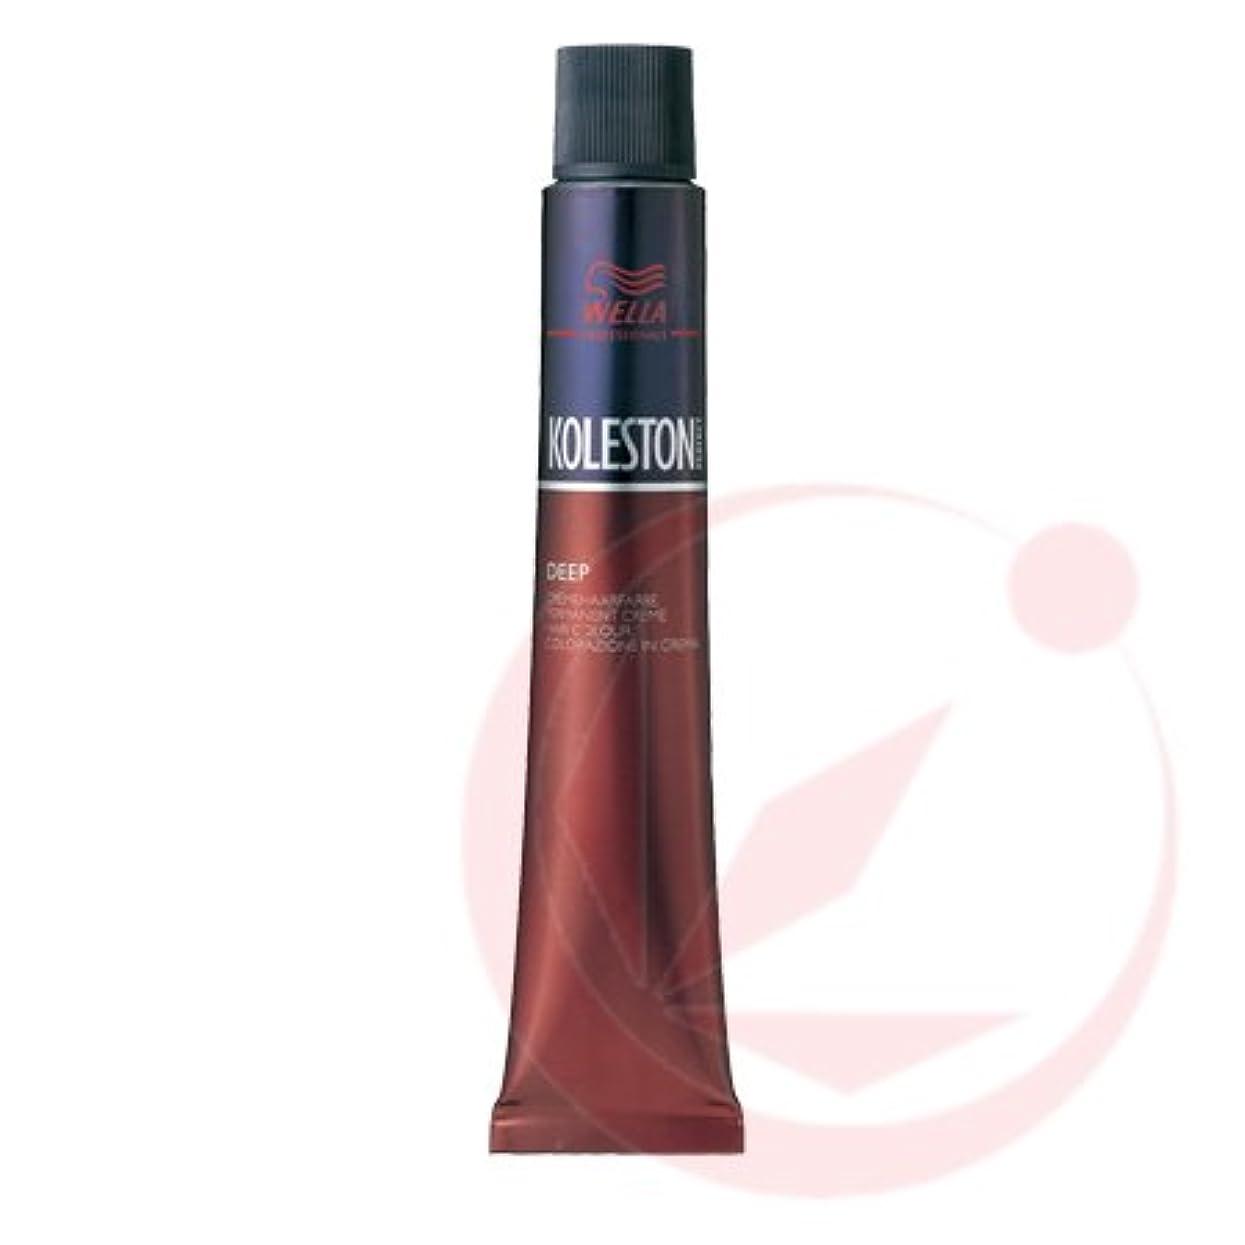 役に立つオーストラリアストロークウエラ コレストンパーフェクト Deep 05 (ディープ) 80g(カラー1剤) 4/05*